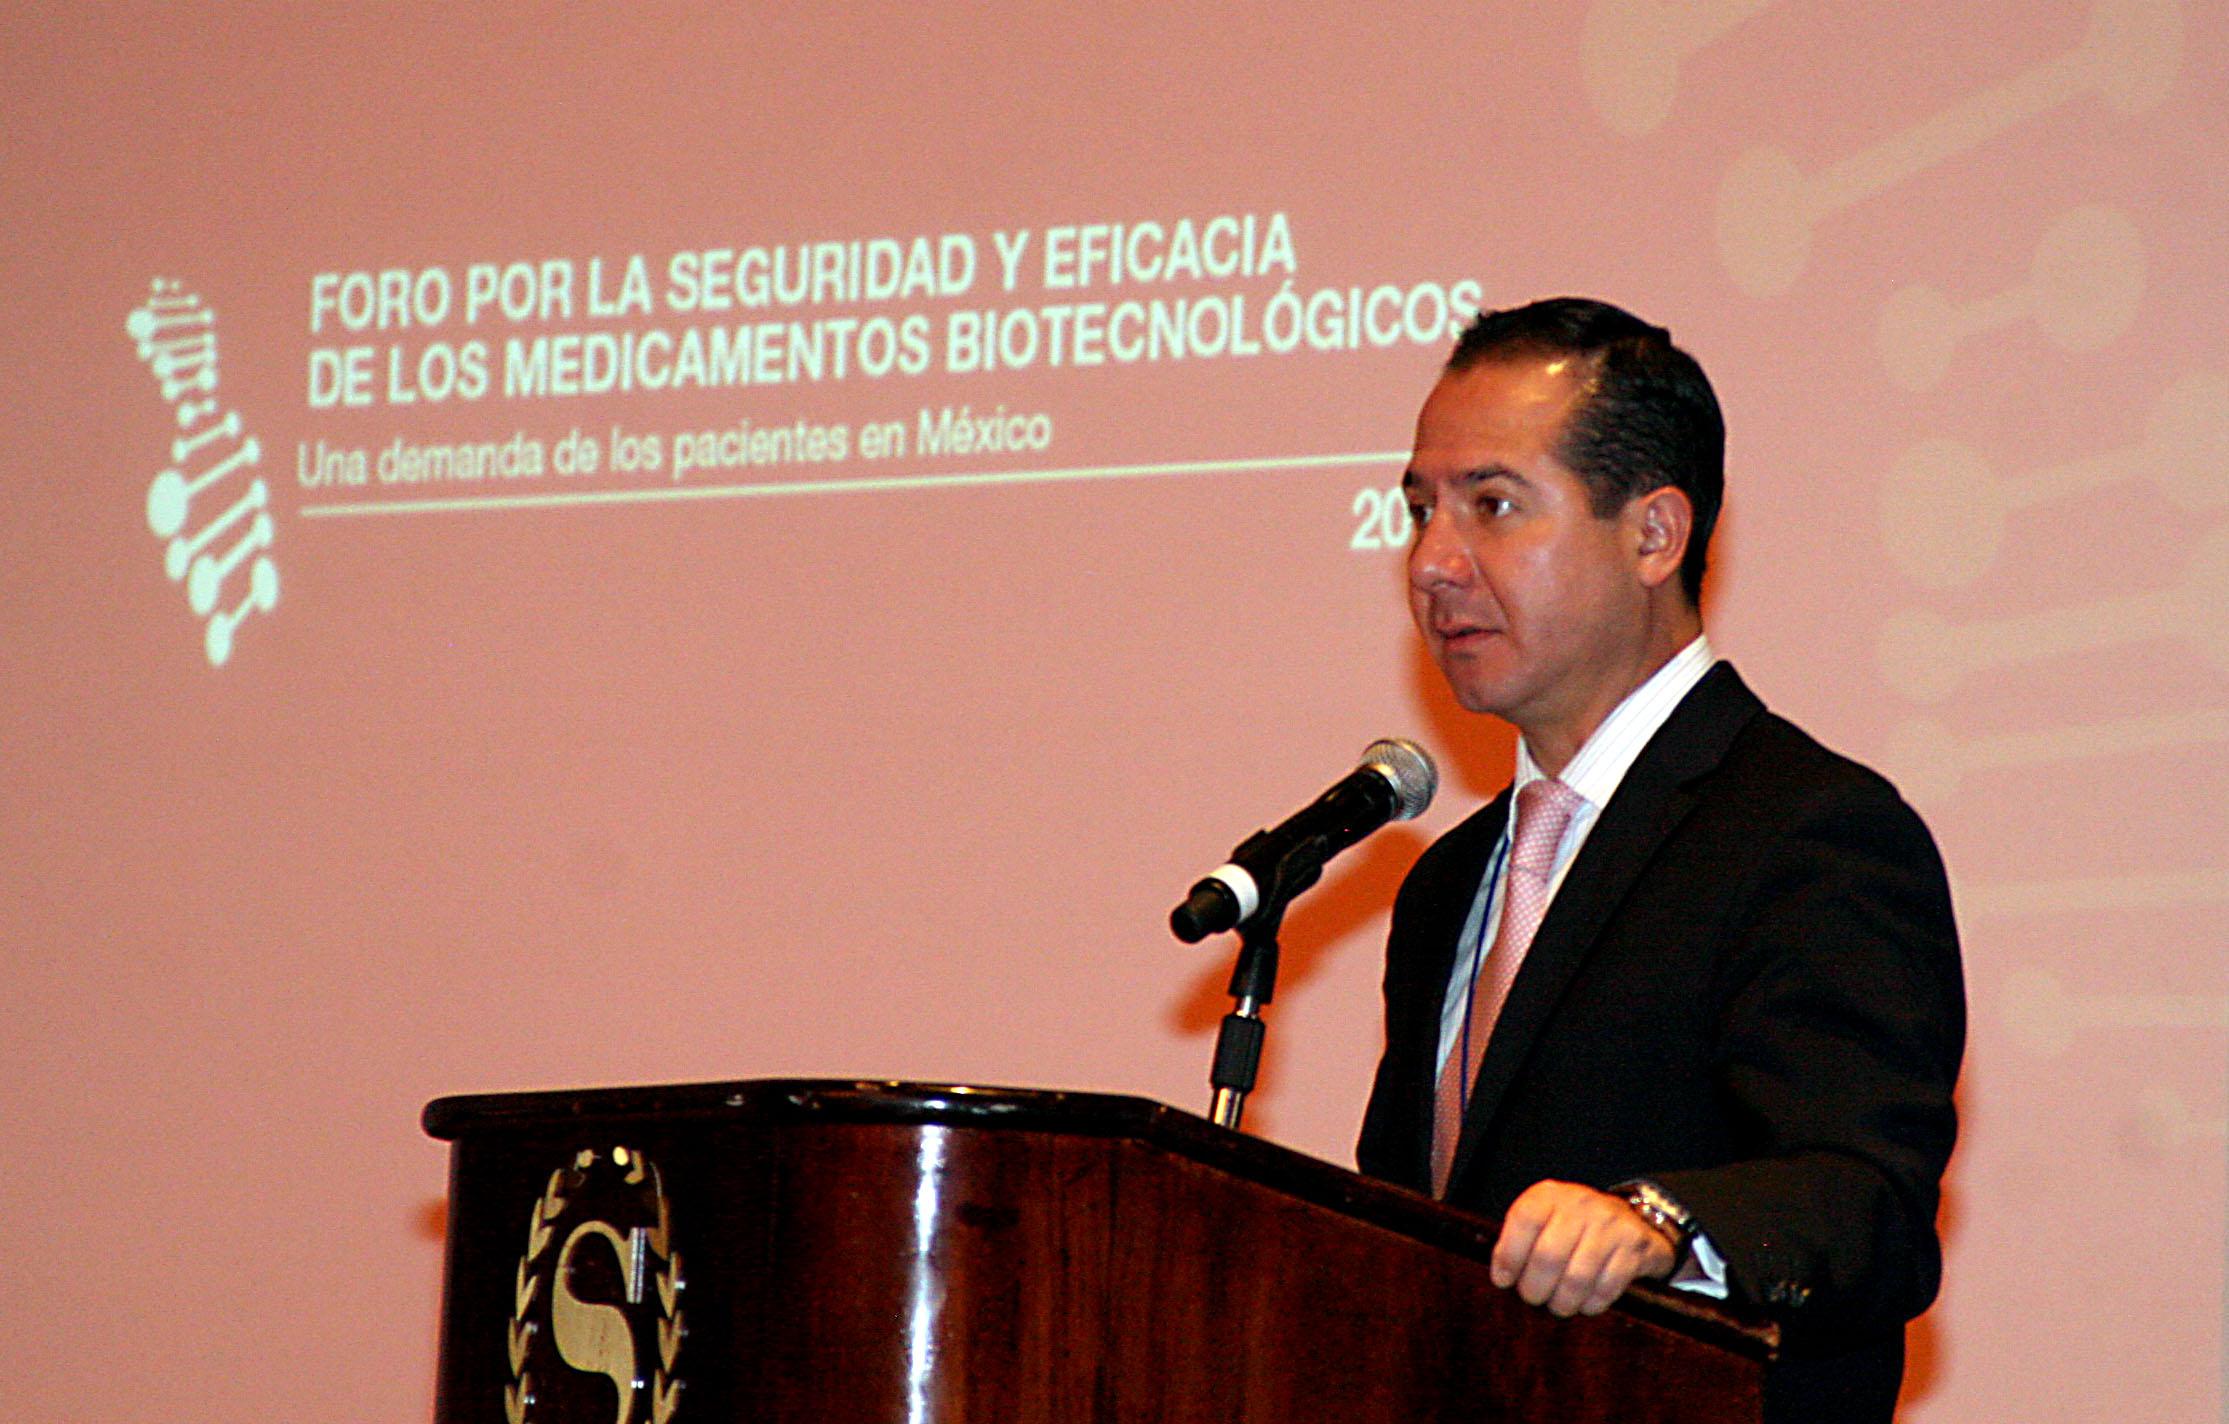 """Foro """"Por la seguridad y eficacia de los medicamentos biotecnológicos, una demanda de los pacientes en México"""""""